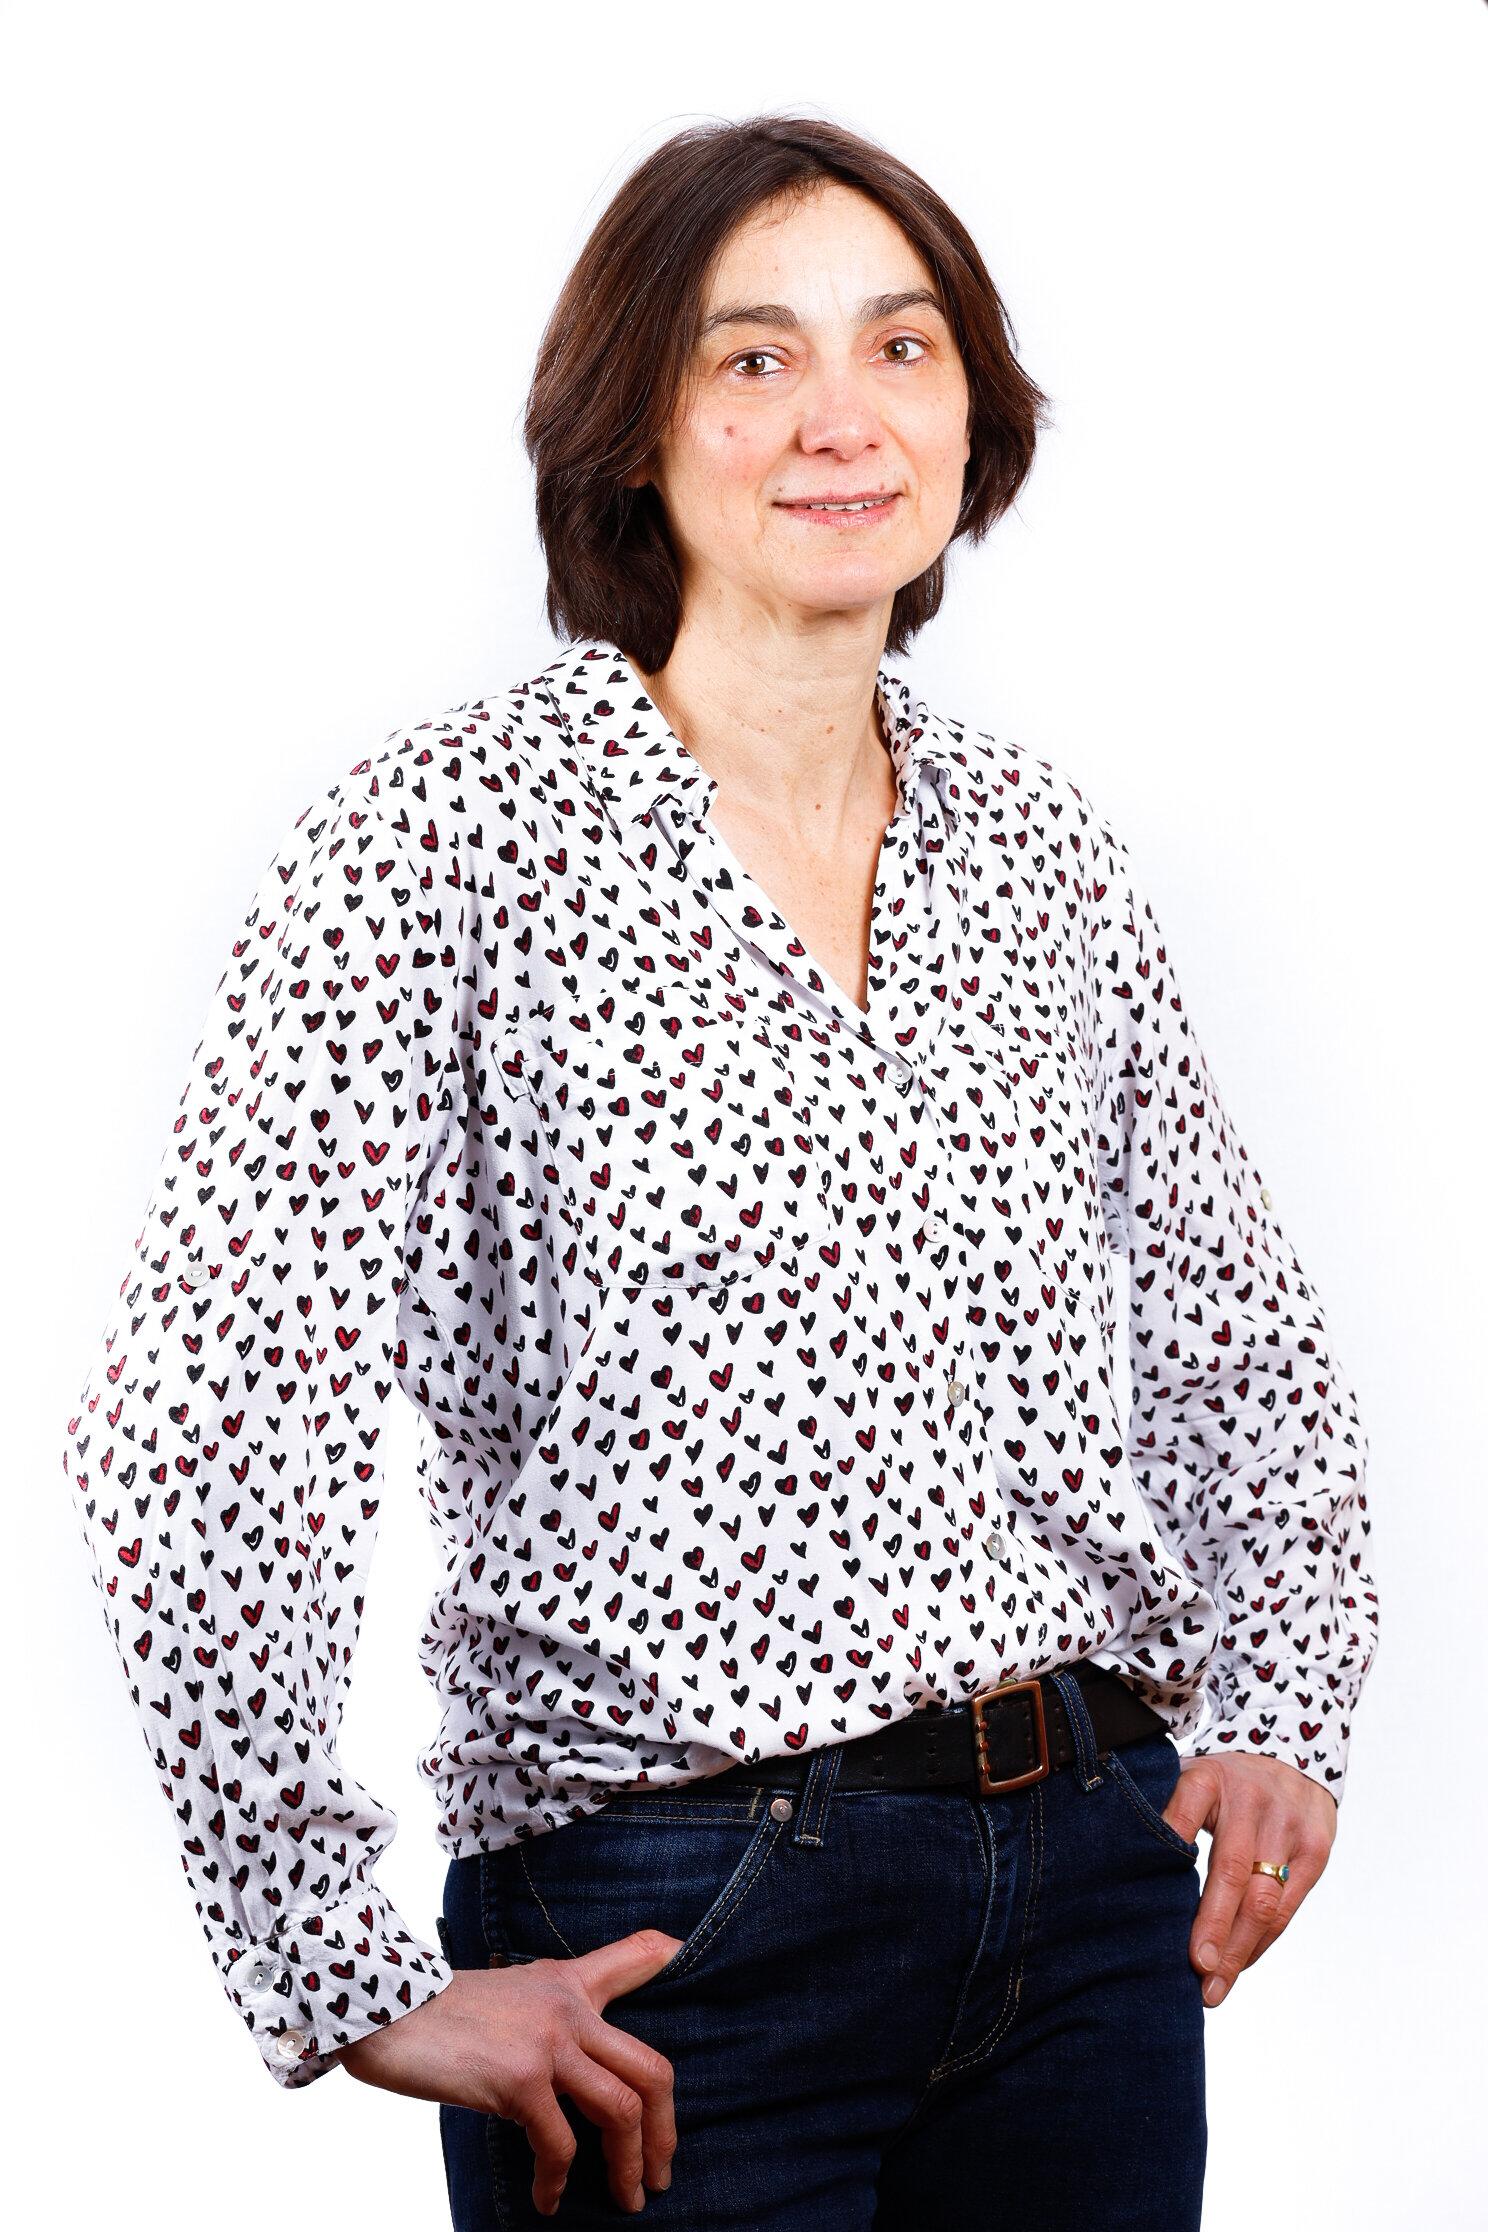 Sabine Ehrenspeck